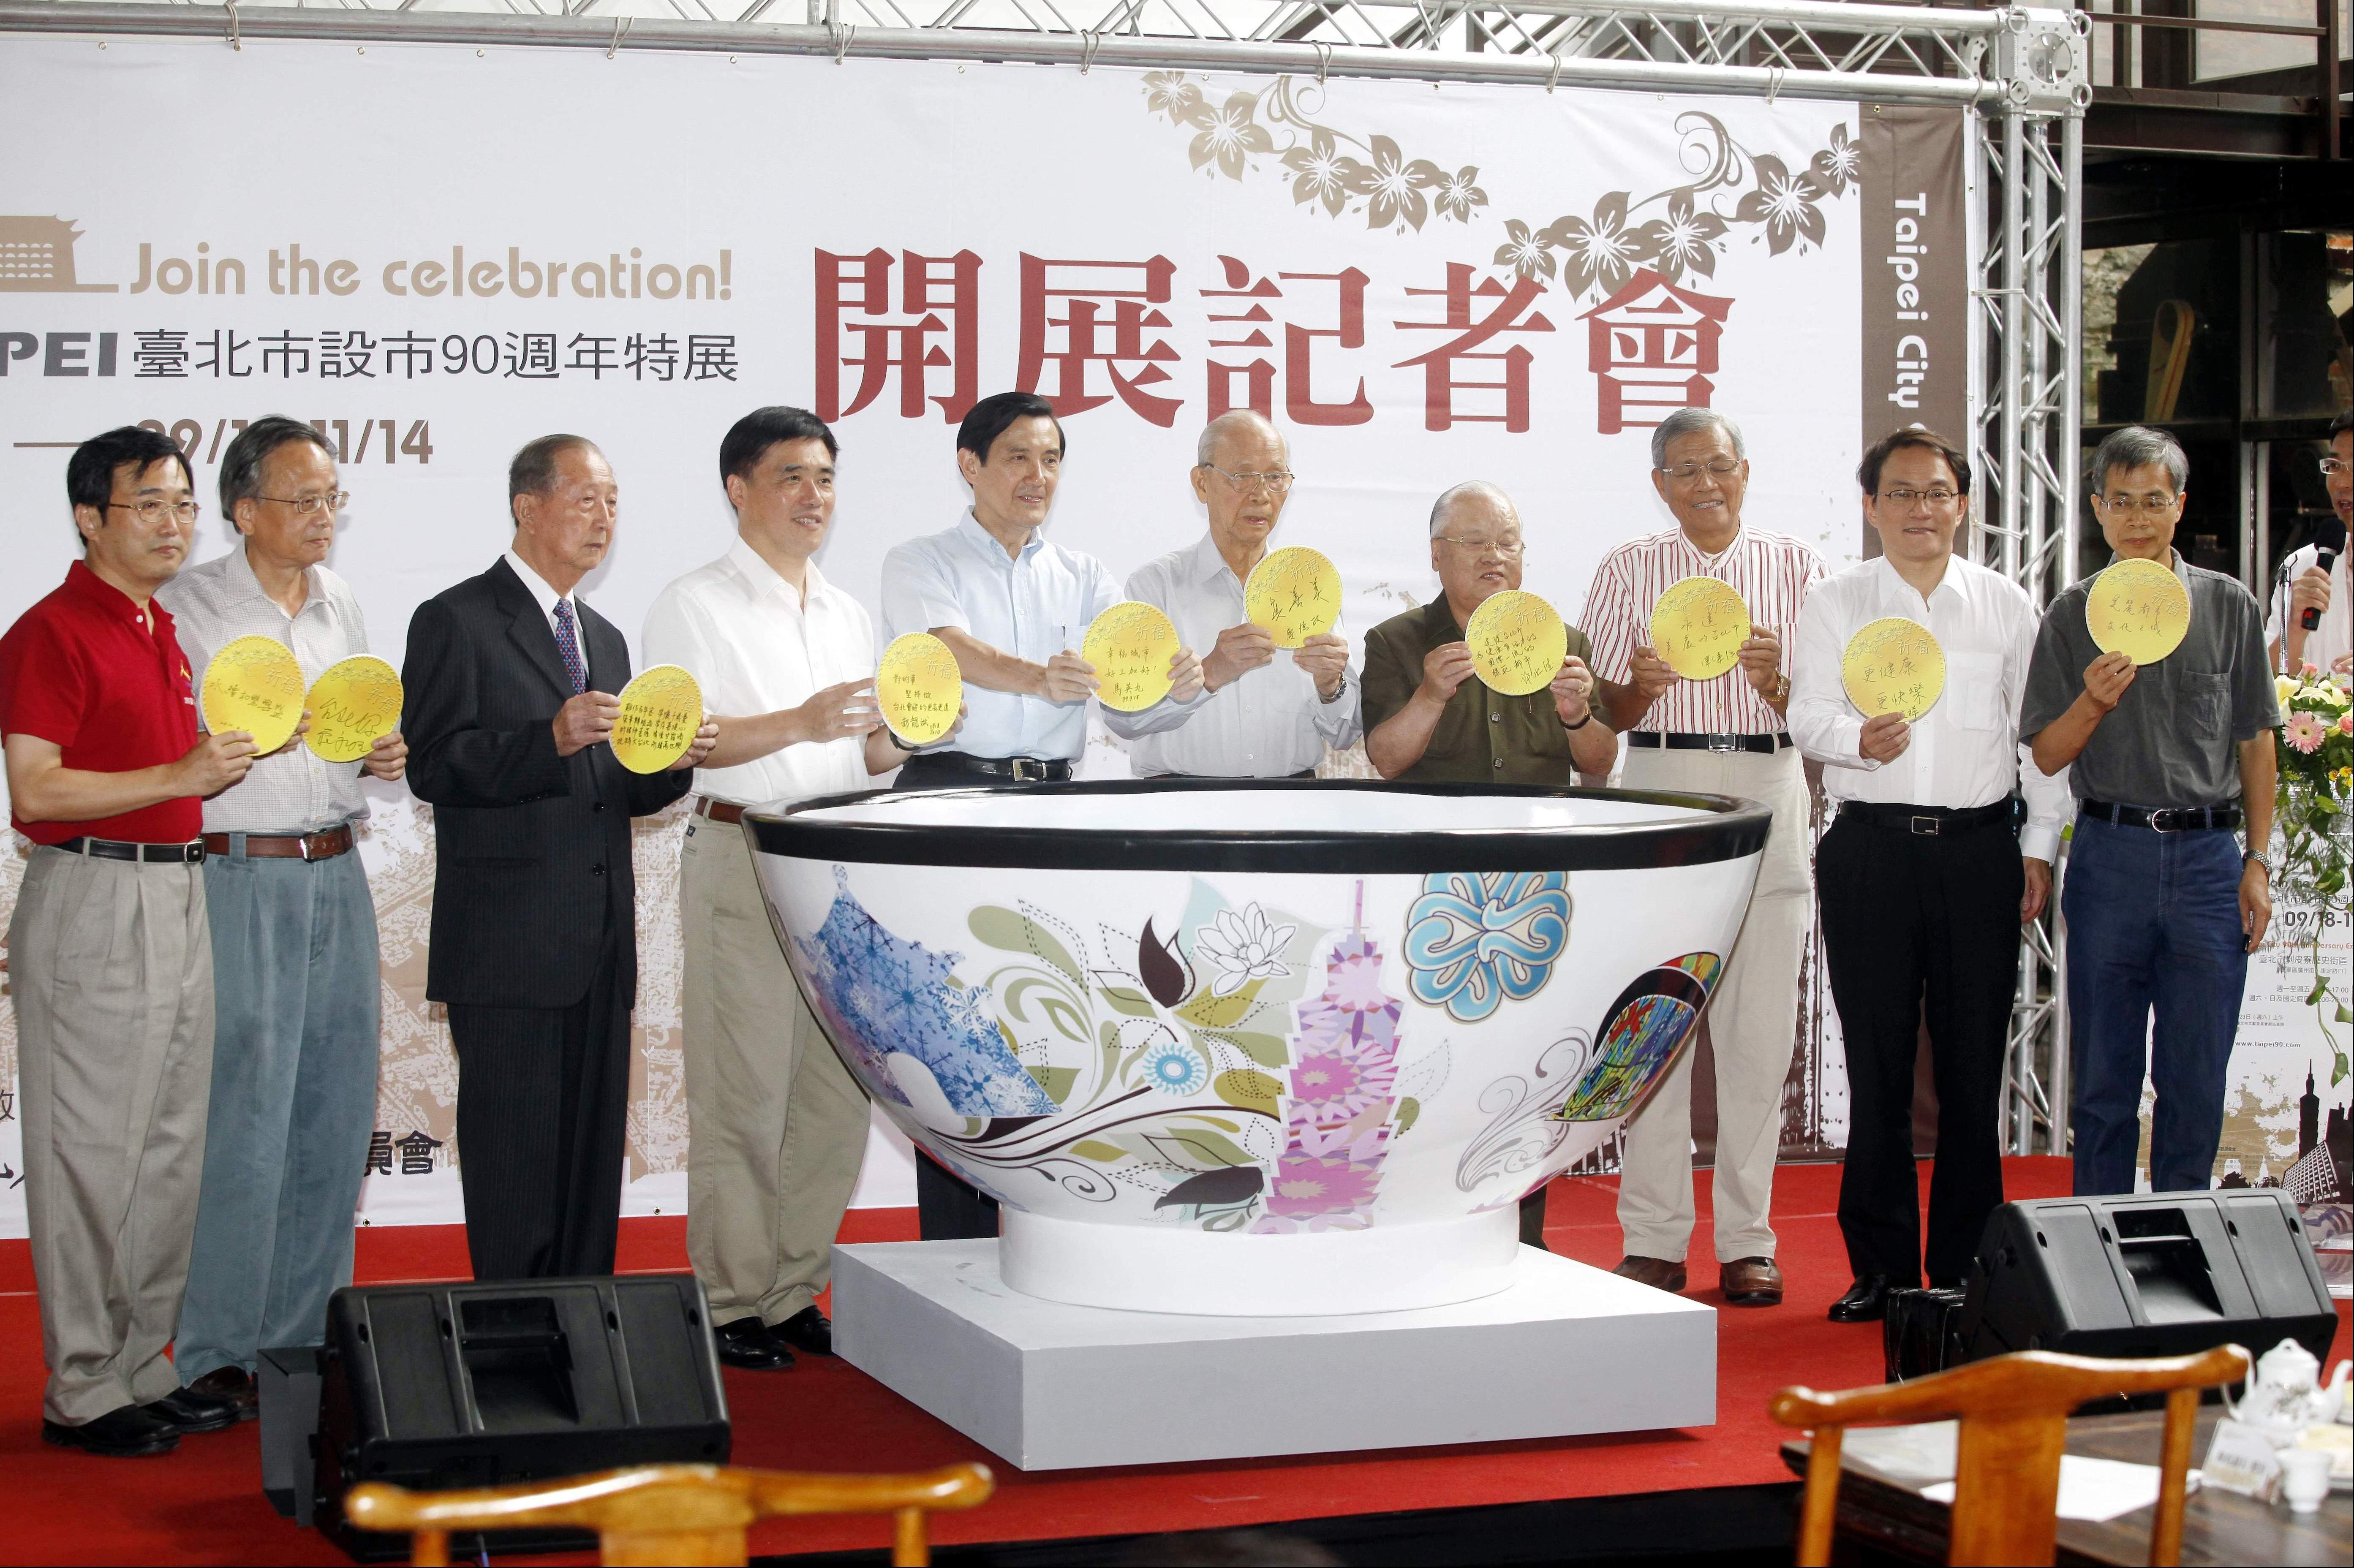 圖表:馬總統、郝市長、許前院長水德、陳前議長健治等10位貴賓於祈祝紀念幣上寫下對臺北市的祝福